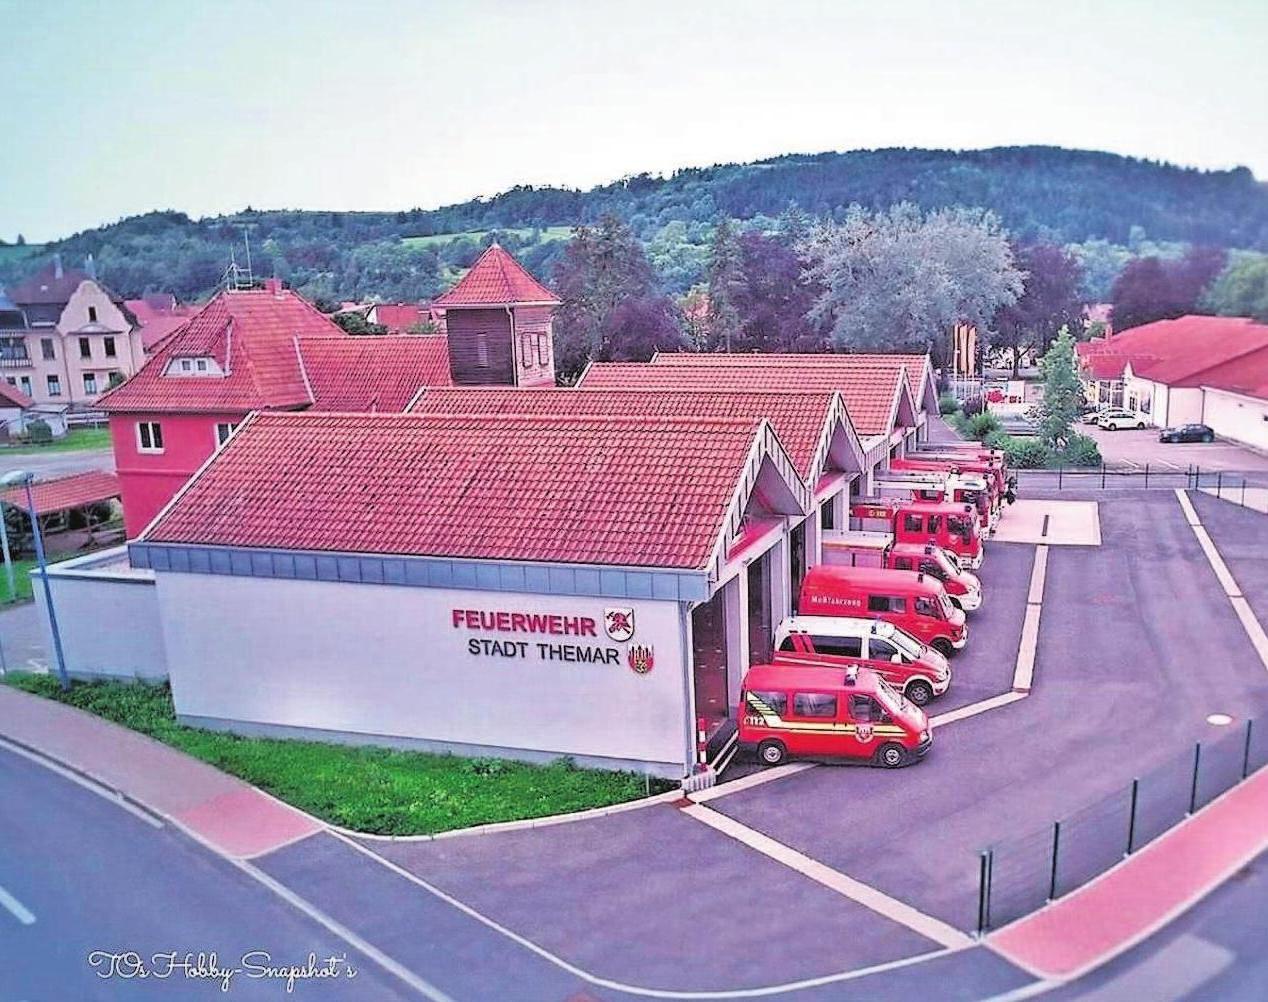 Ganz modern saniert, um- und neugebaut: Von hier aus agieren die Kameraden der Feuerwehr Themar in der Stadt sowie in der VG Feldstein mit 17 Gemeinden.